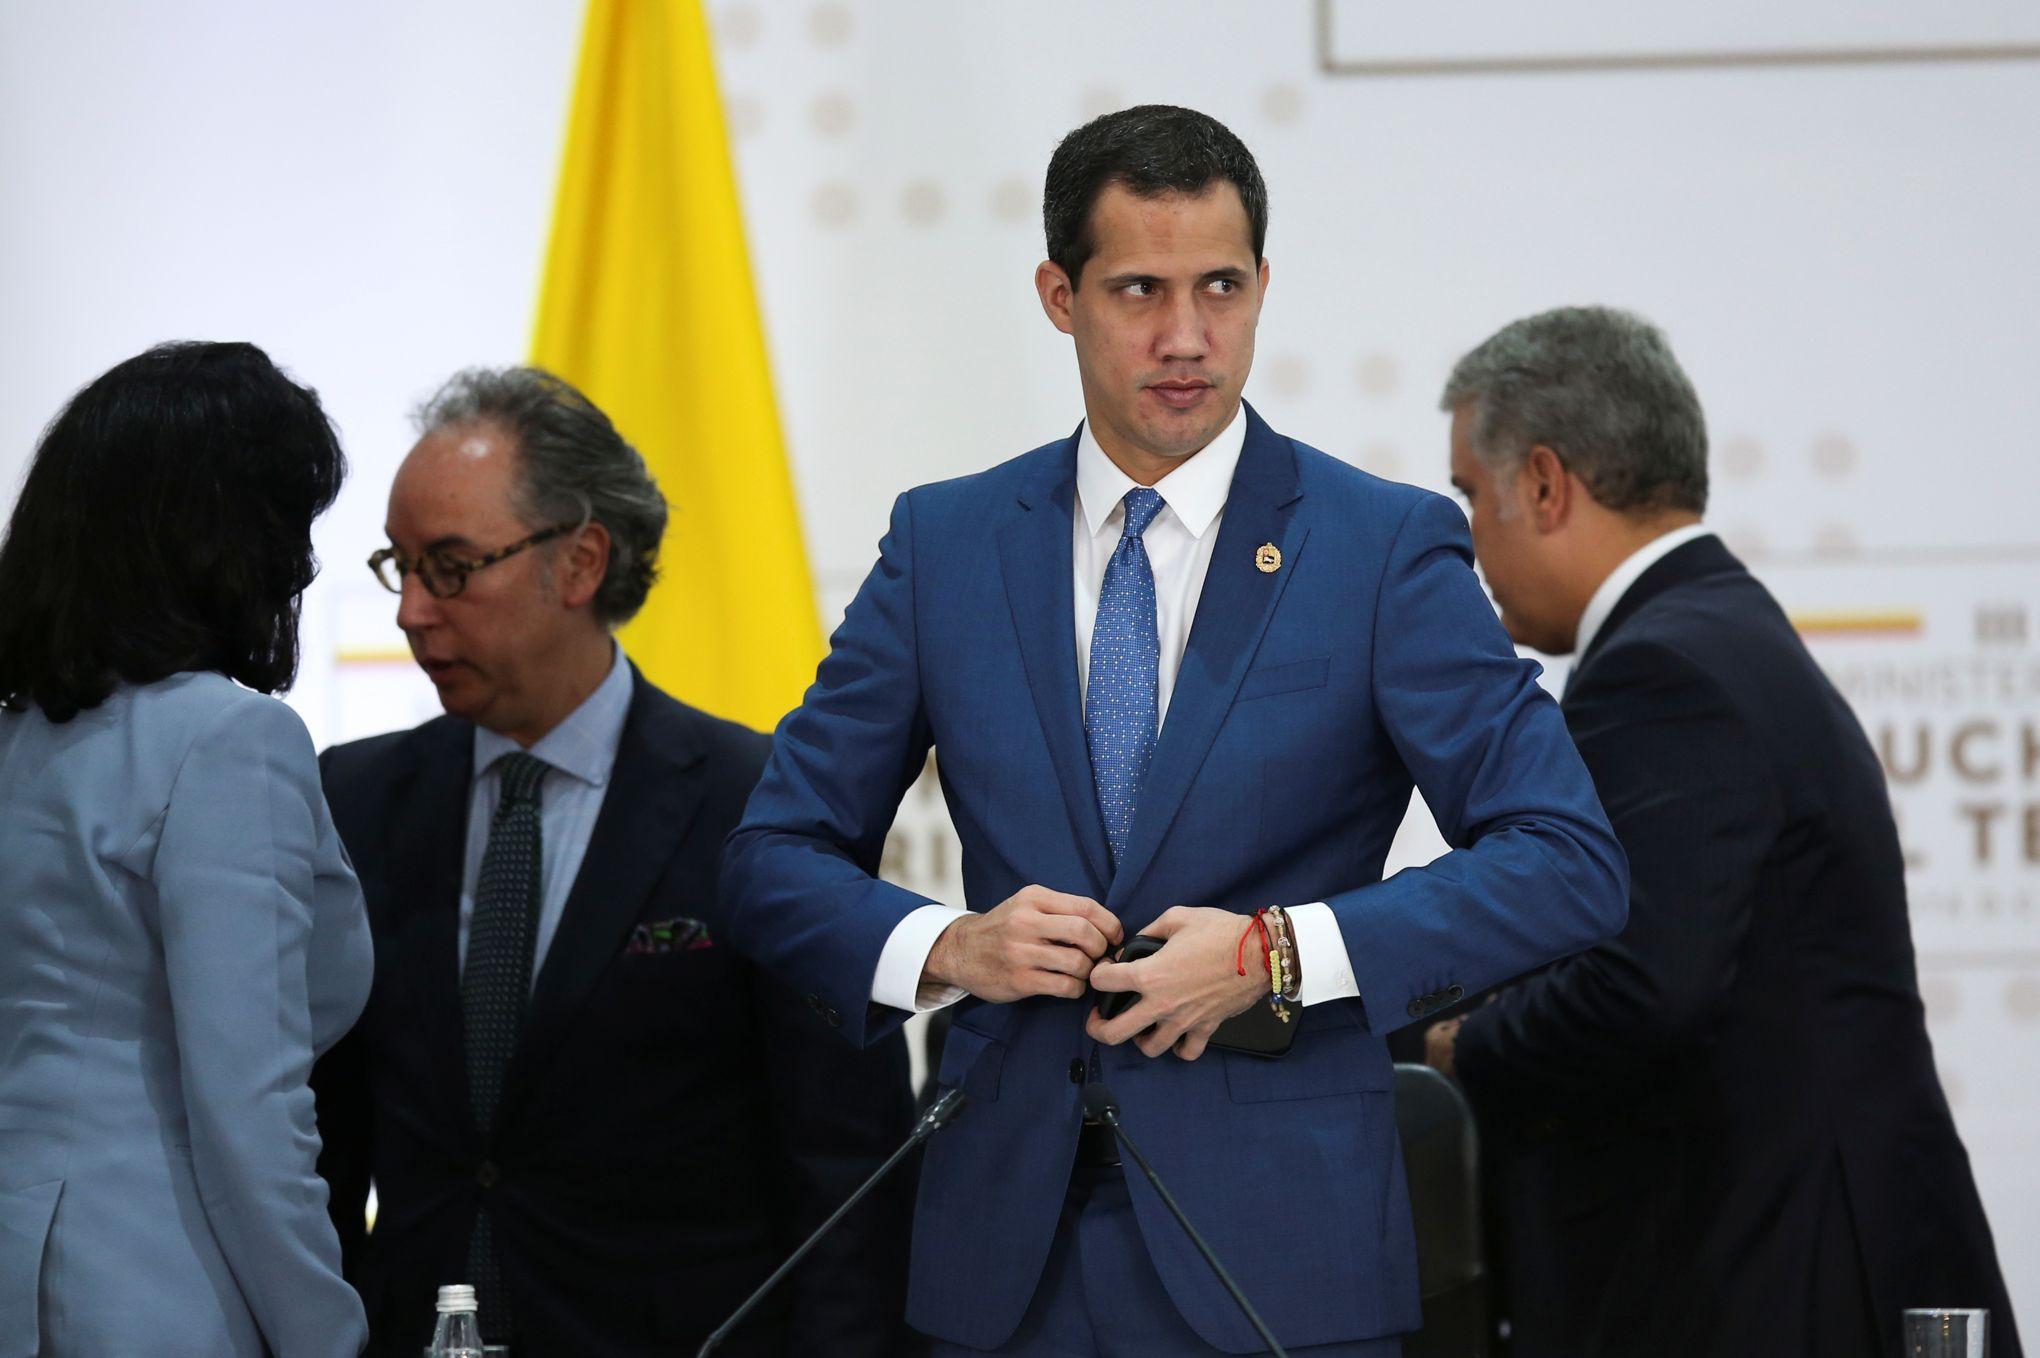 Juan Guaido, un «président intérimaire» pour représenter le Venezuela à Davos